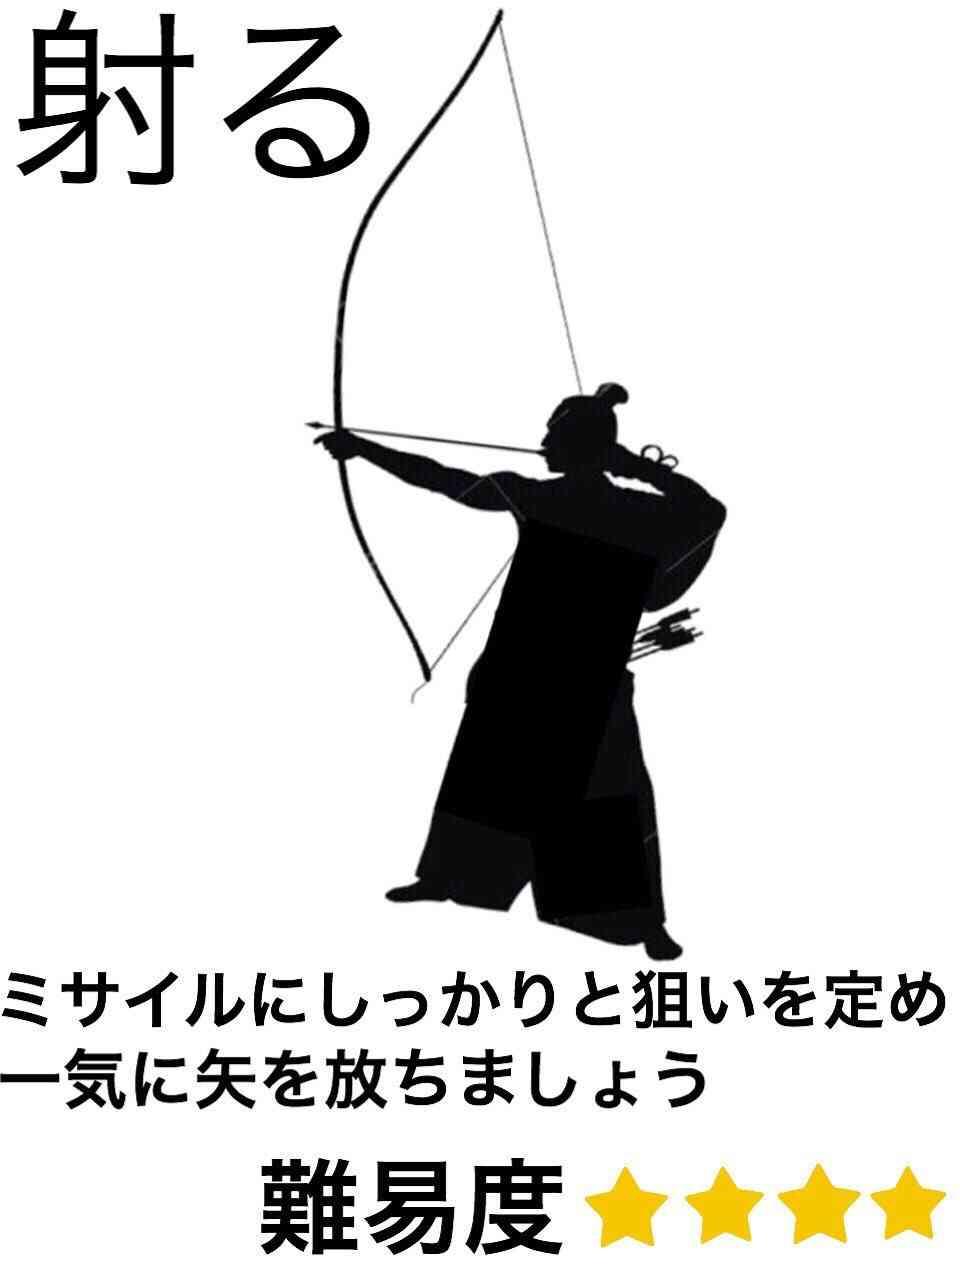 弾道ミサイルが日本に落下した場合の対処法が「不安過ぎる」とネットで話題!